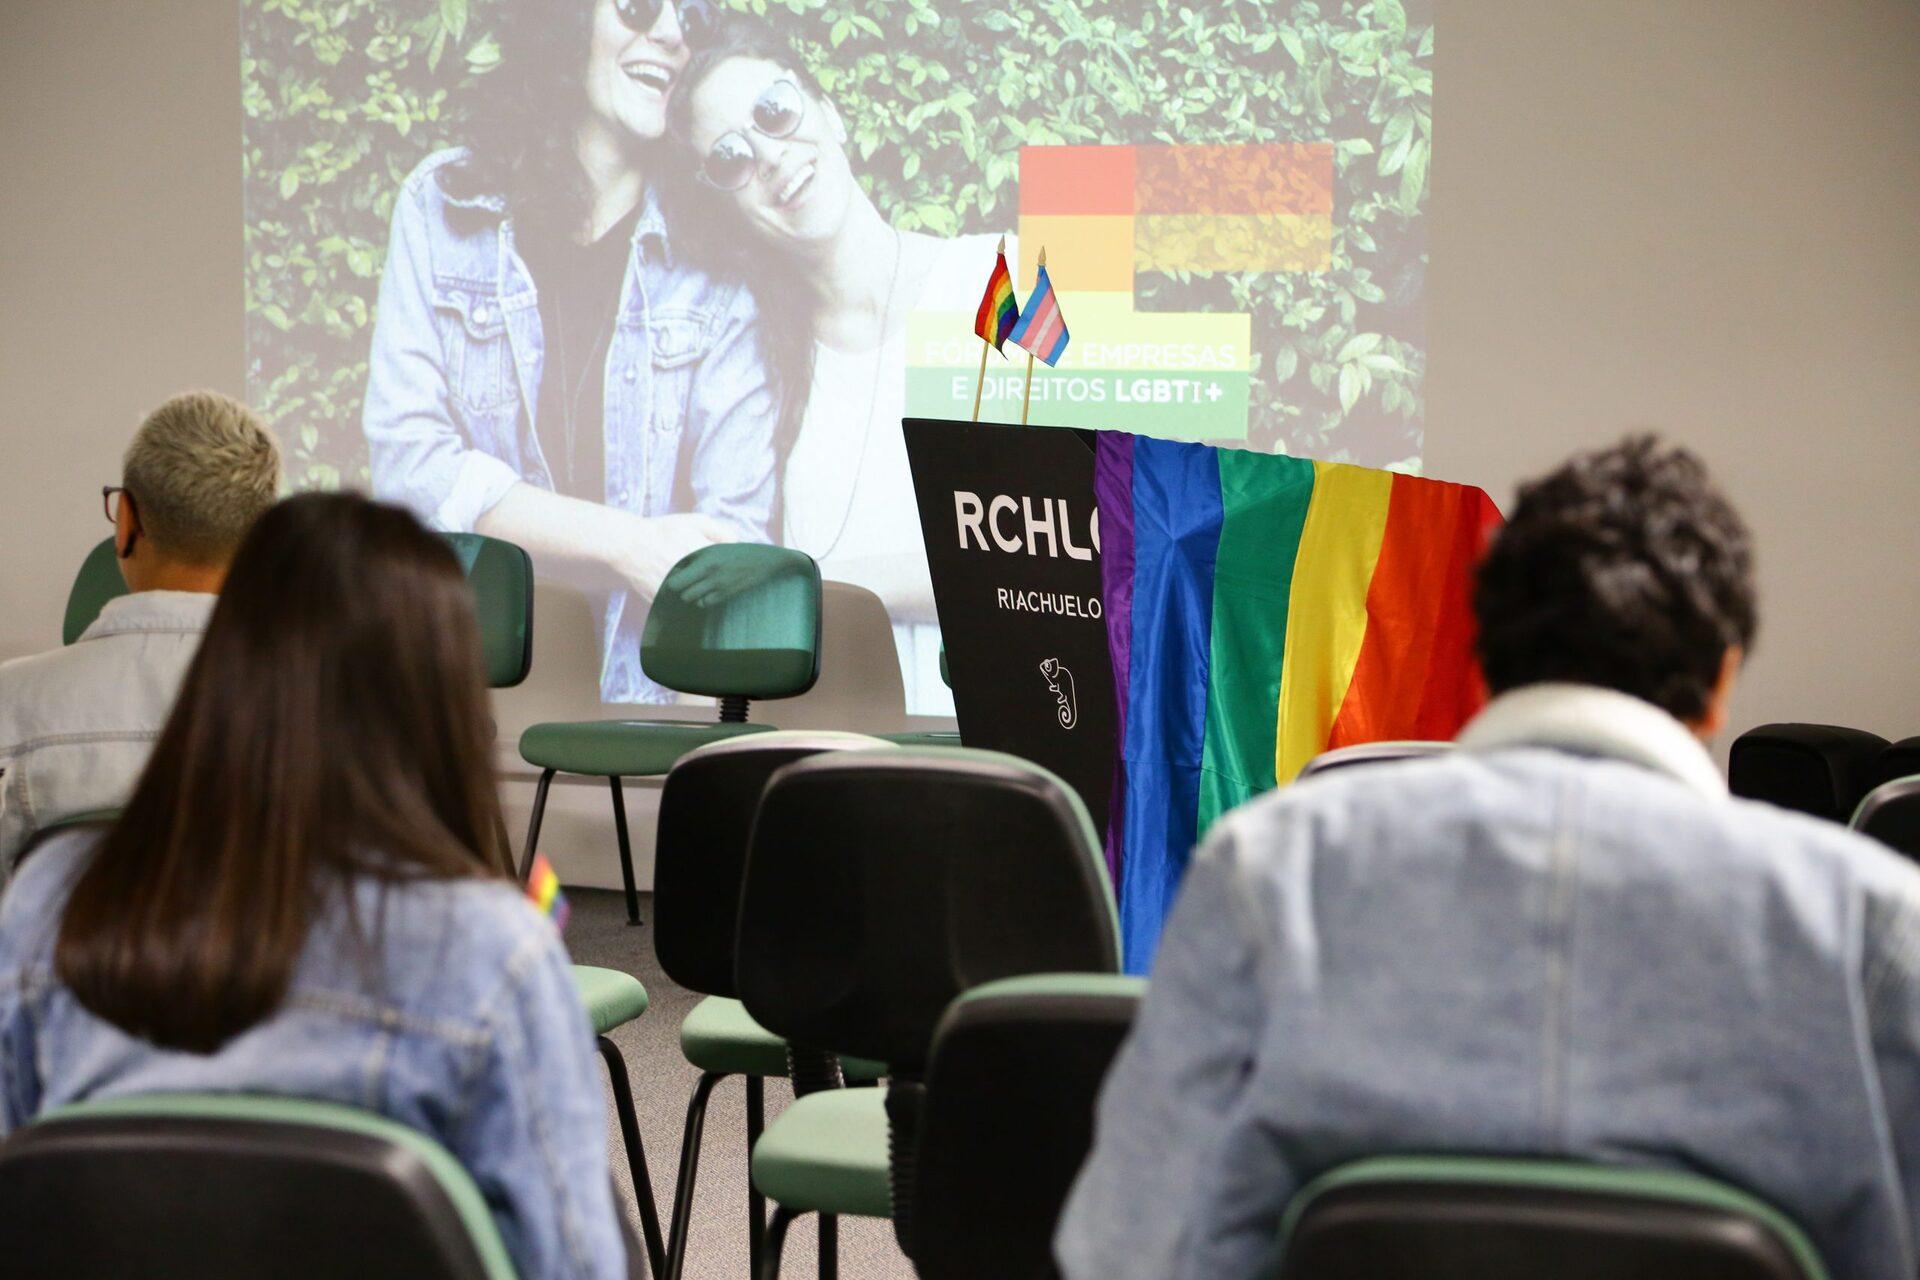 Riachuelo potencializa seu compromisso com a diversidade no Mês do Orgulho ao destacar a importância de ser uma das signatárias do Fórum de Empresas e Direitos LGBTI +